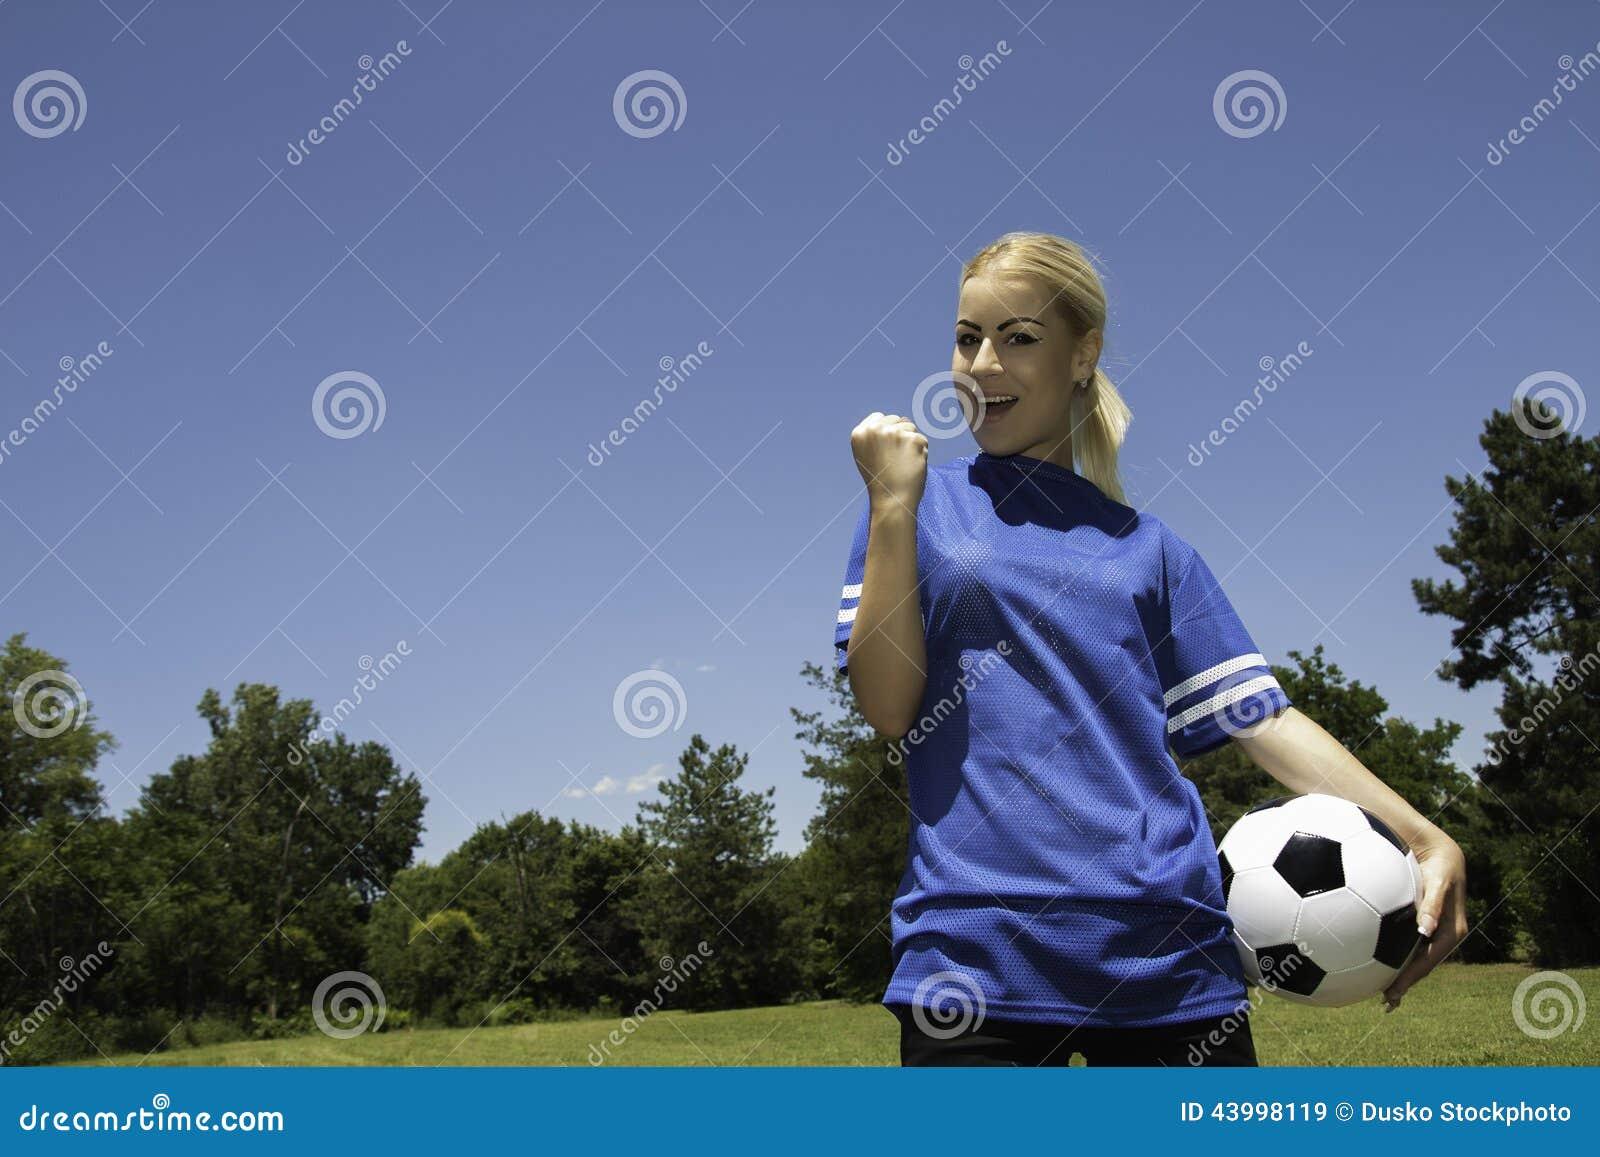 Female soccer player